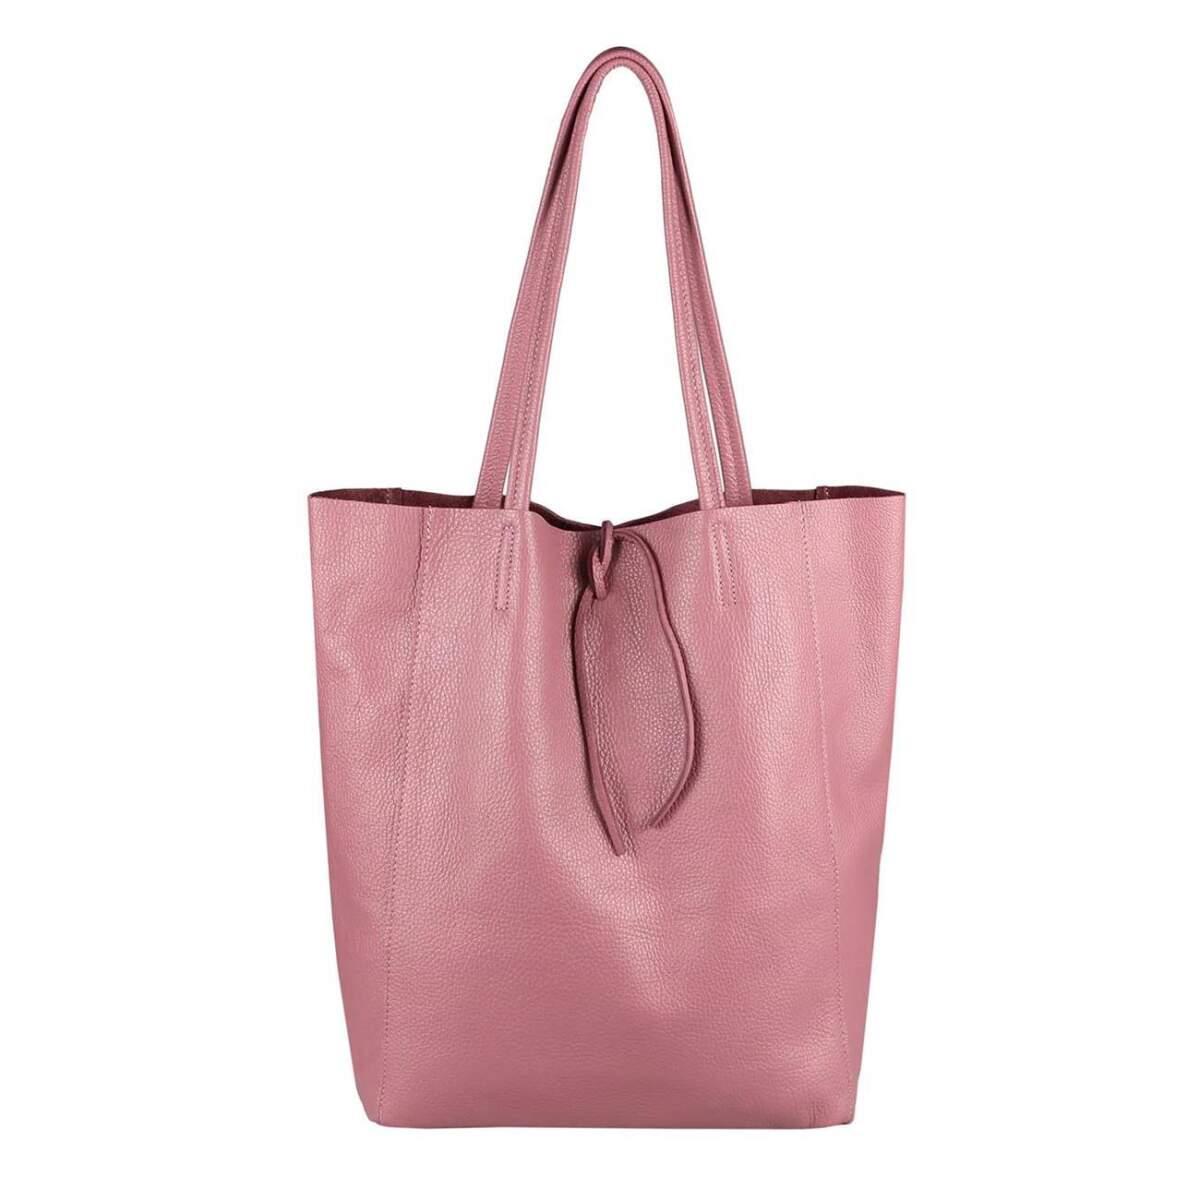 6492100b75703 OBC Made in Italy DAMEN LEDER TASCHE DIN-A4 Shopper Schultertasche  Henkeltasche Tote Bag Metallic Handtasche Umhängetasche Beuteltasche